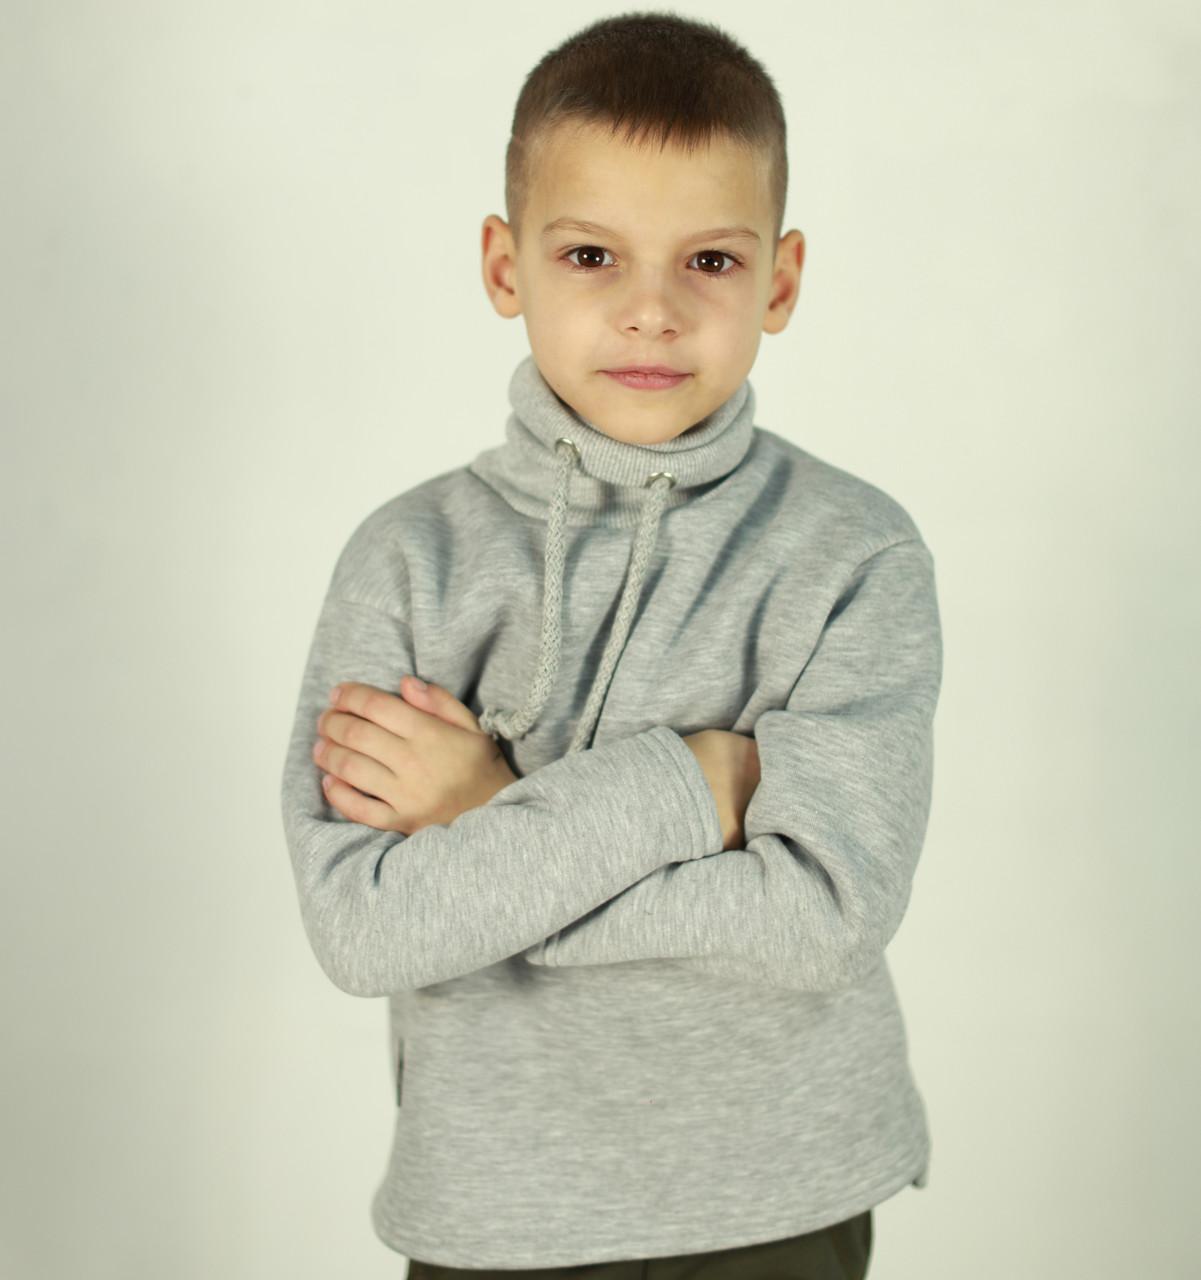 Толстовка с канатом для мальчика. Теплый детский джемпер   Толстовка з канатом для хлопчика